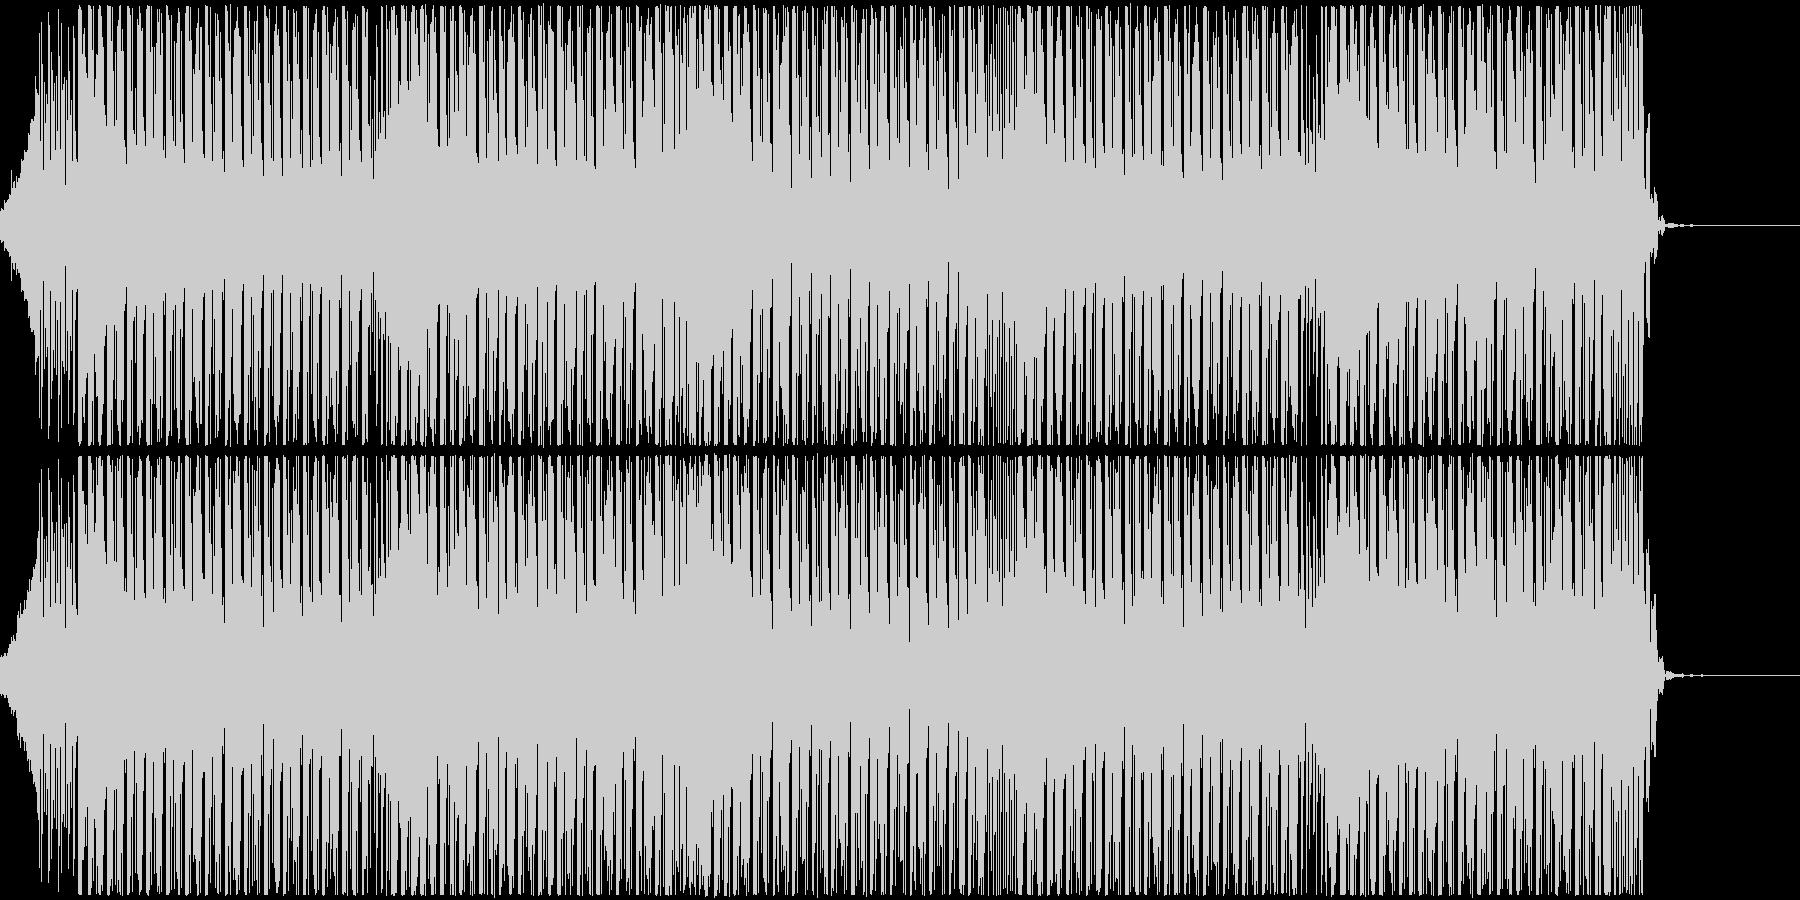 疾走感がありノリの良いテクノハウスBGMの未再生の波形